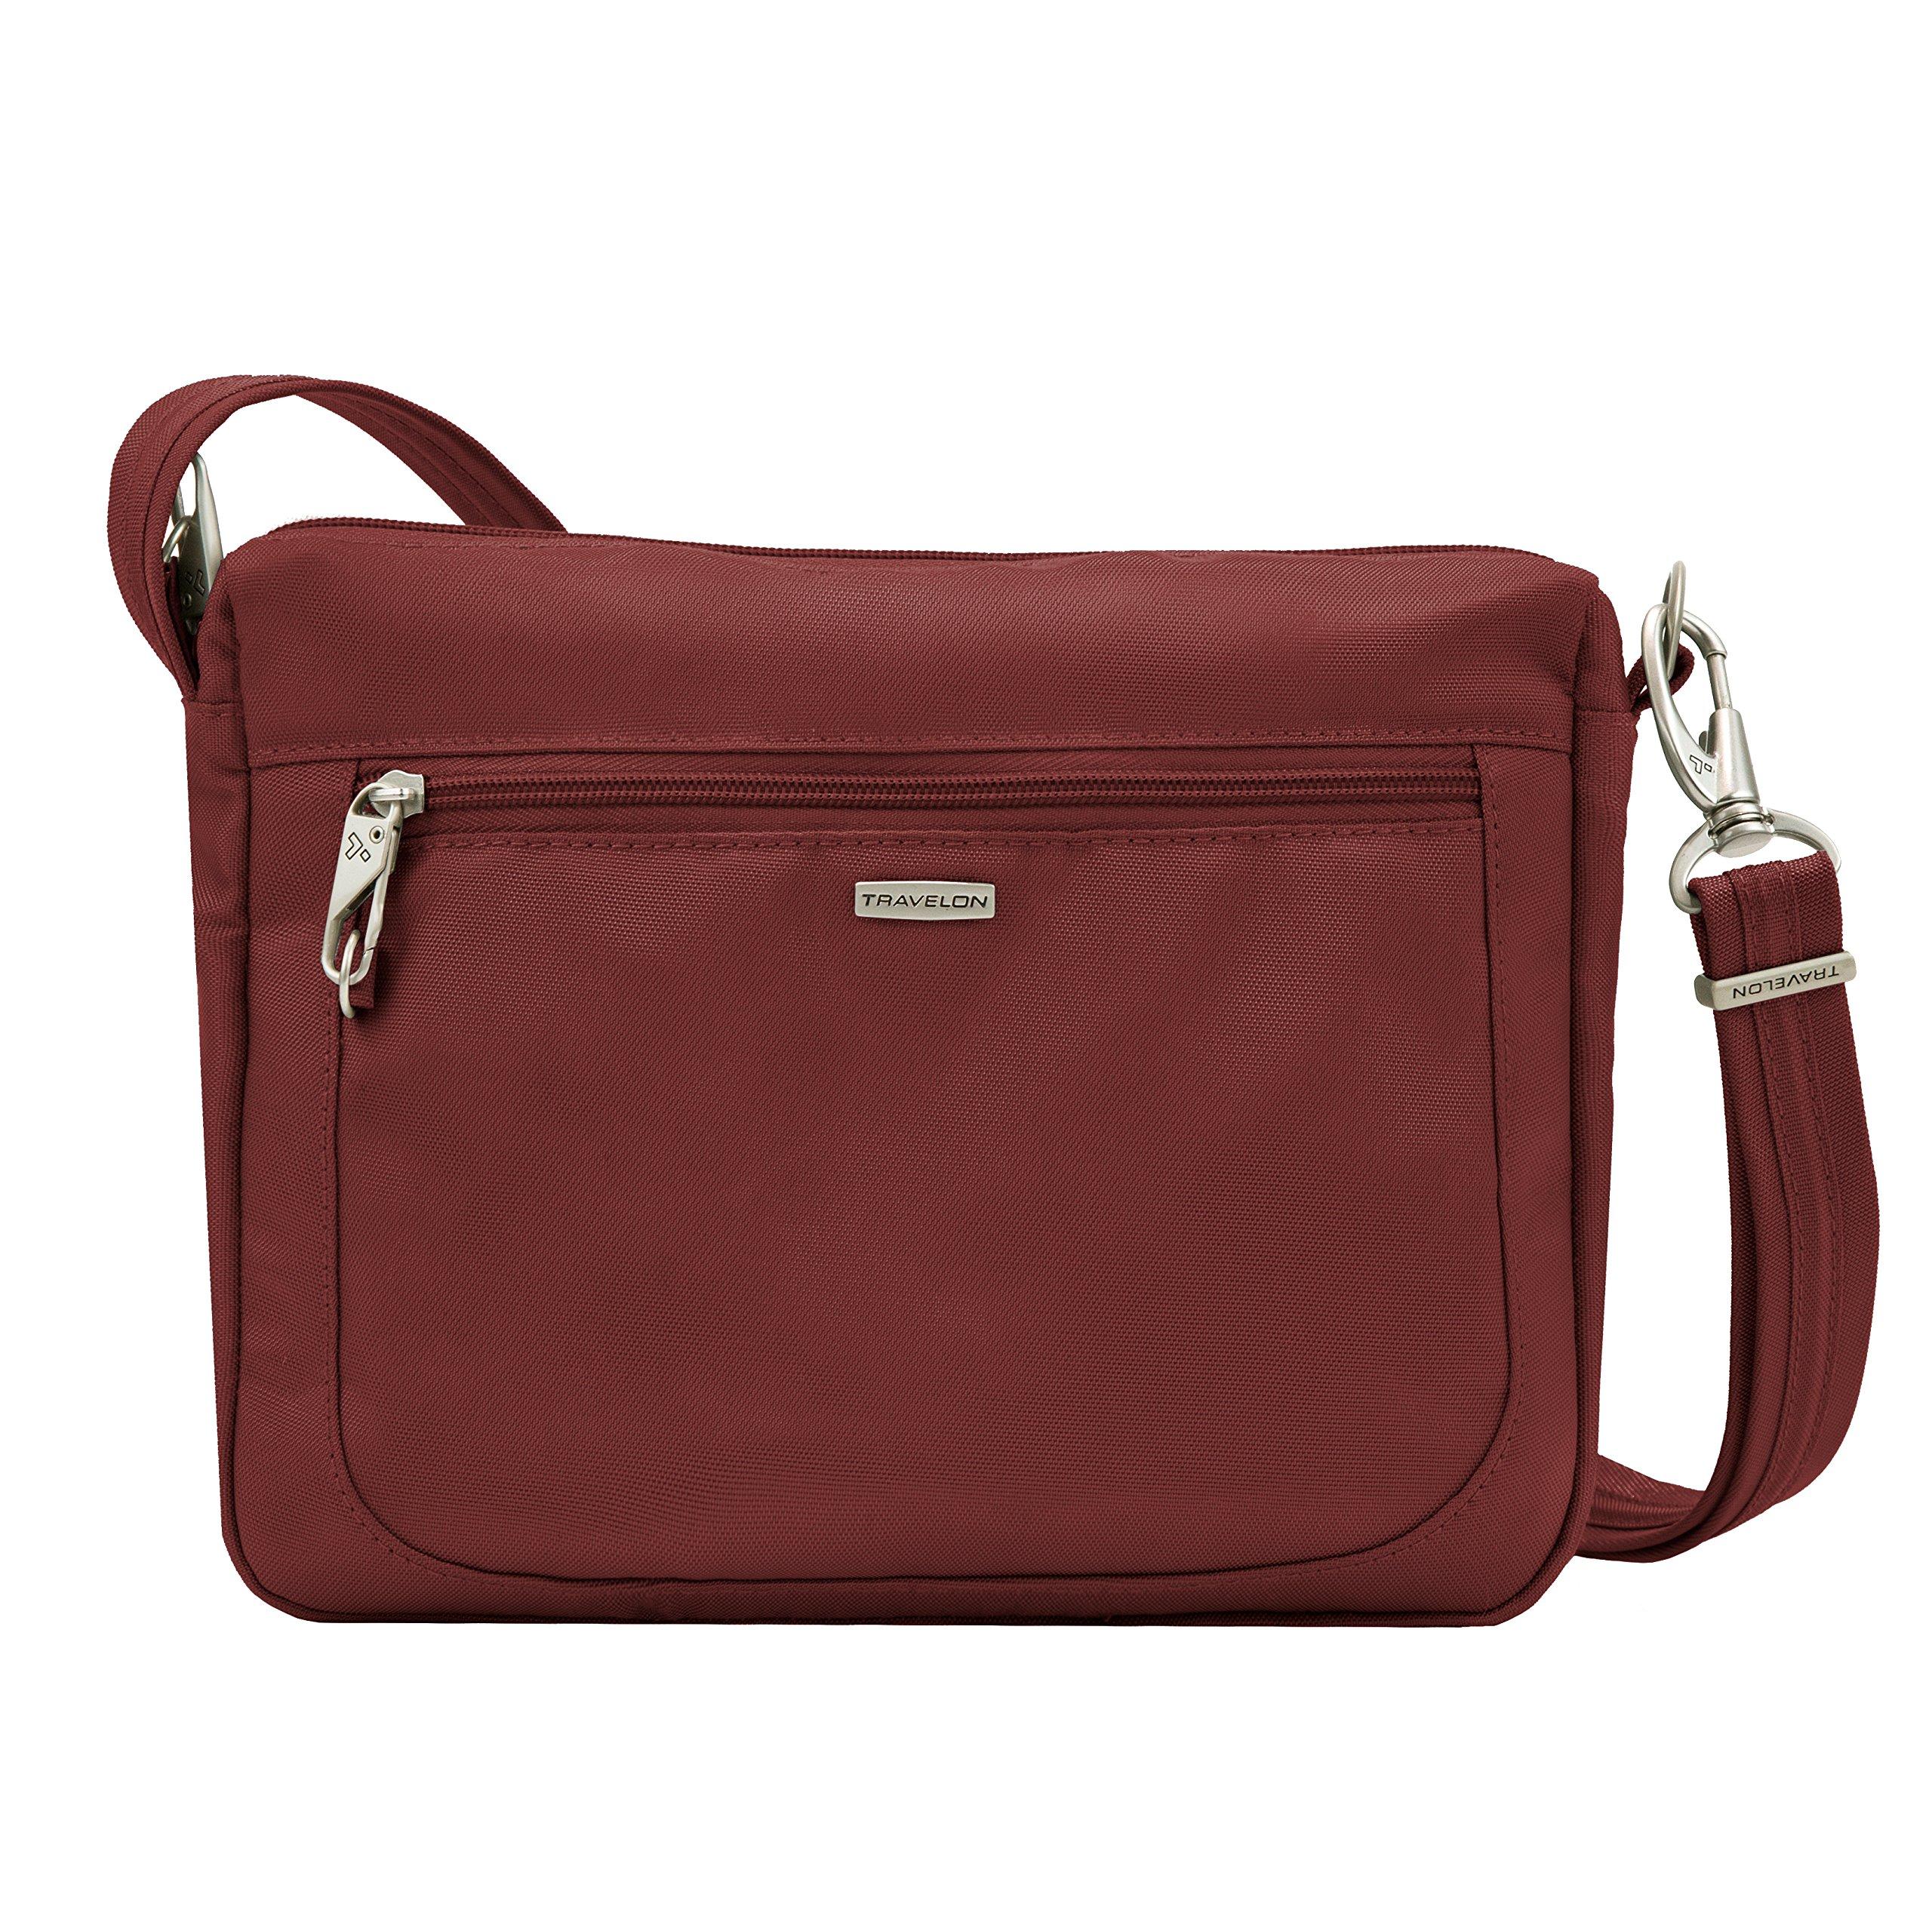 Travelon Anti-theft Classic Small E/W Cross Body Bag, Wine